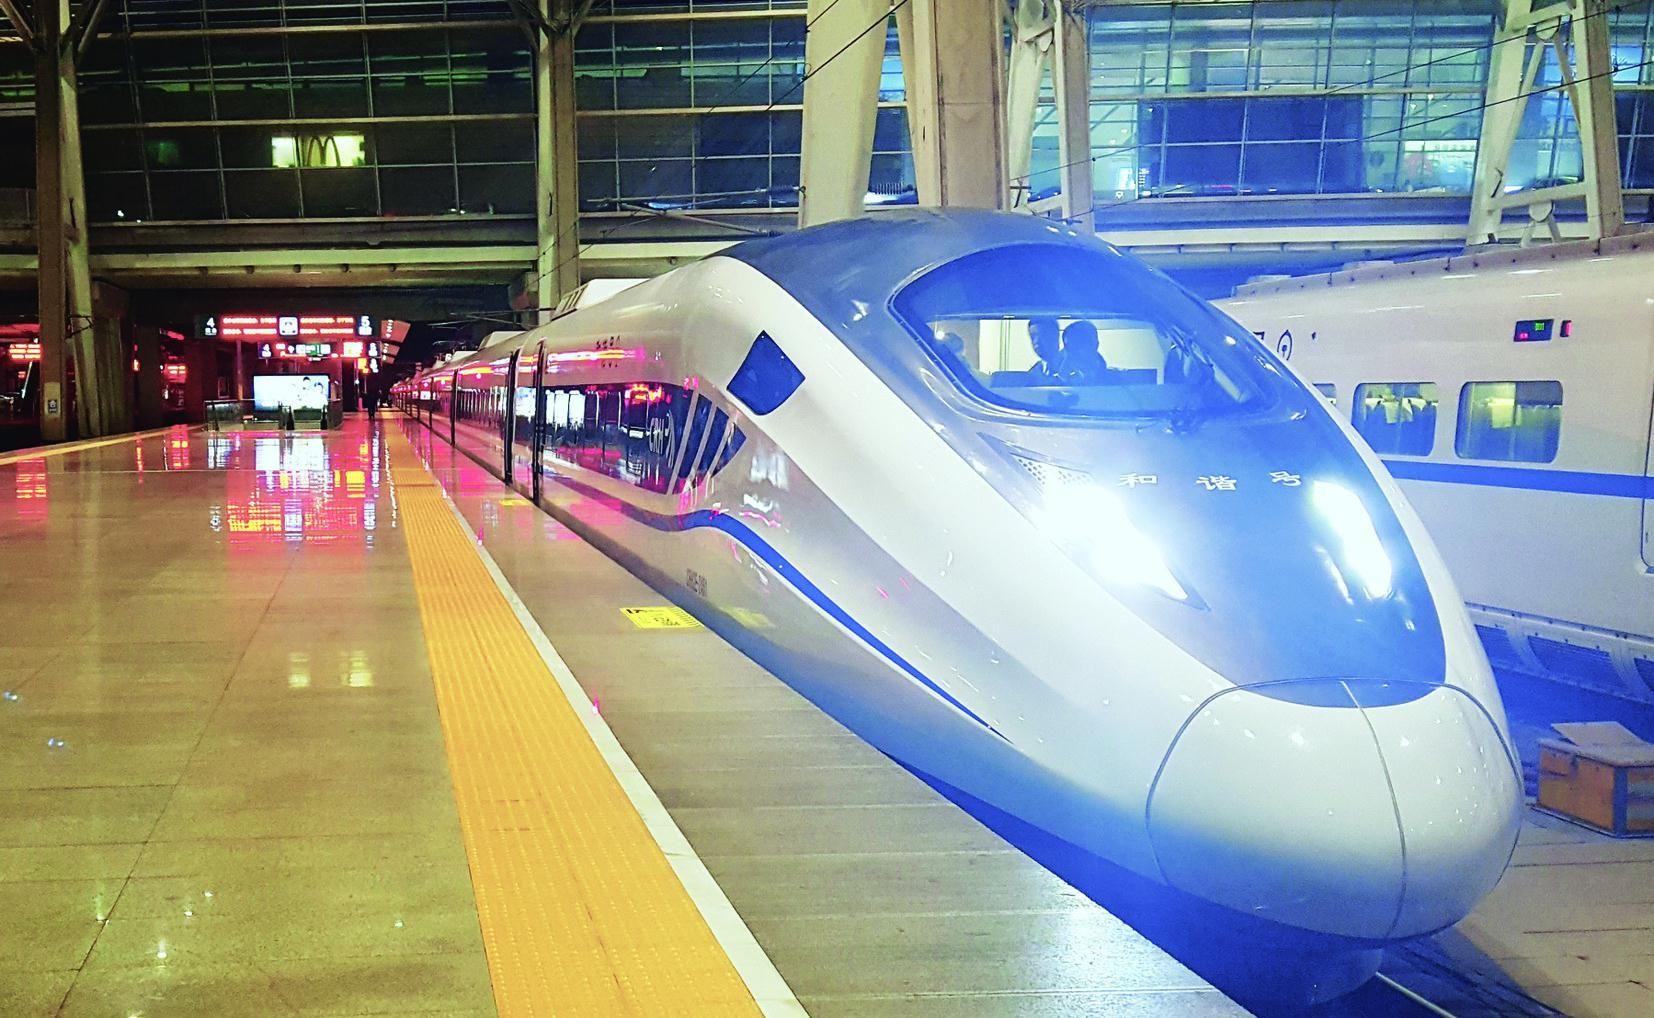 宁波到北京火车时刻表 宁波到北京列车时刻表 - 火车票网